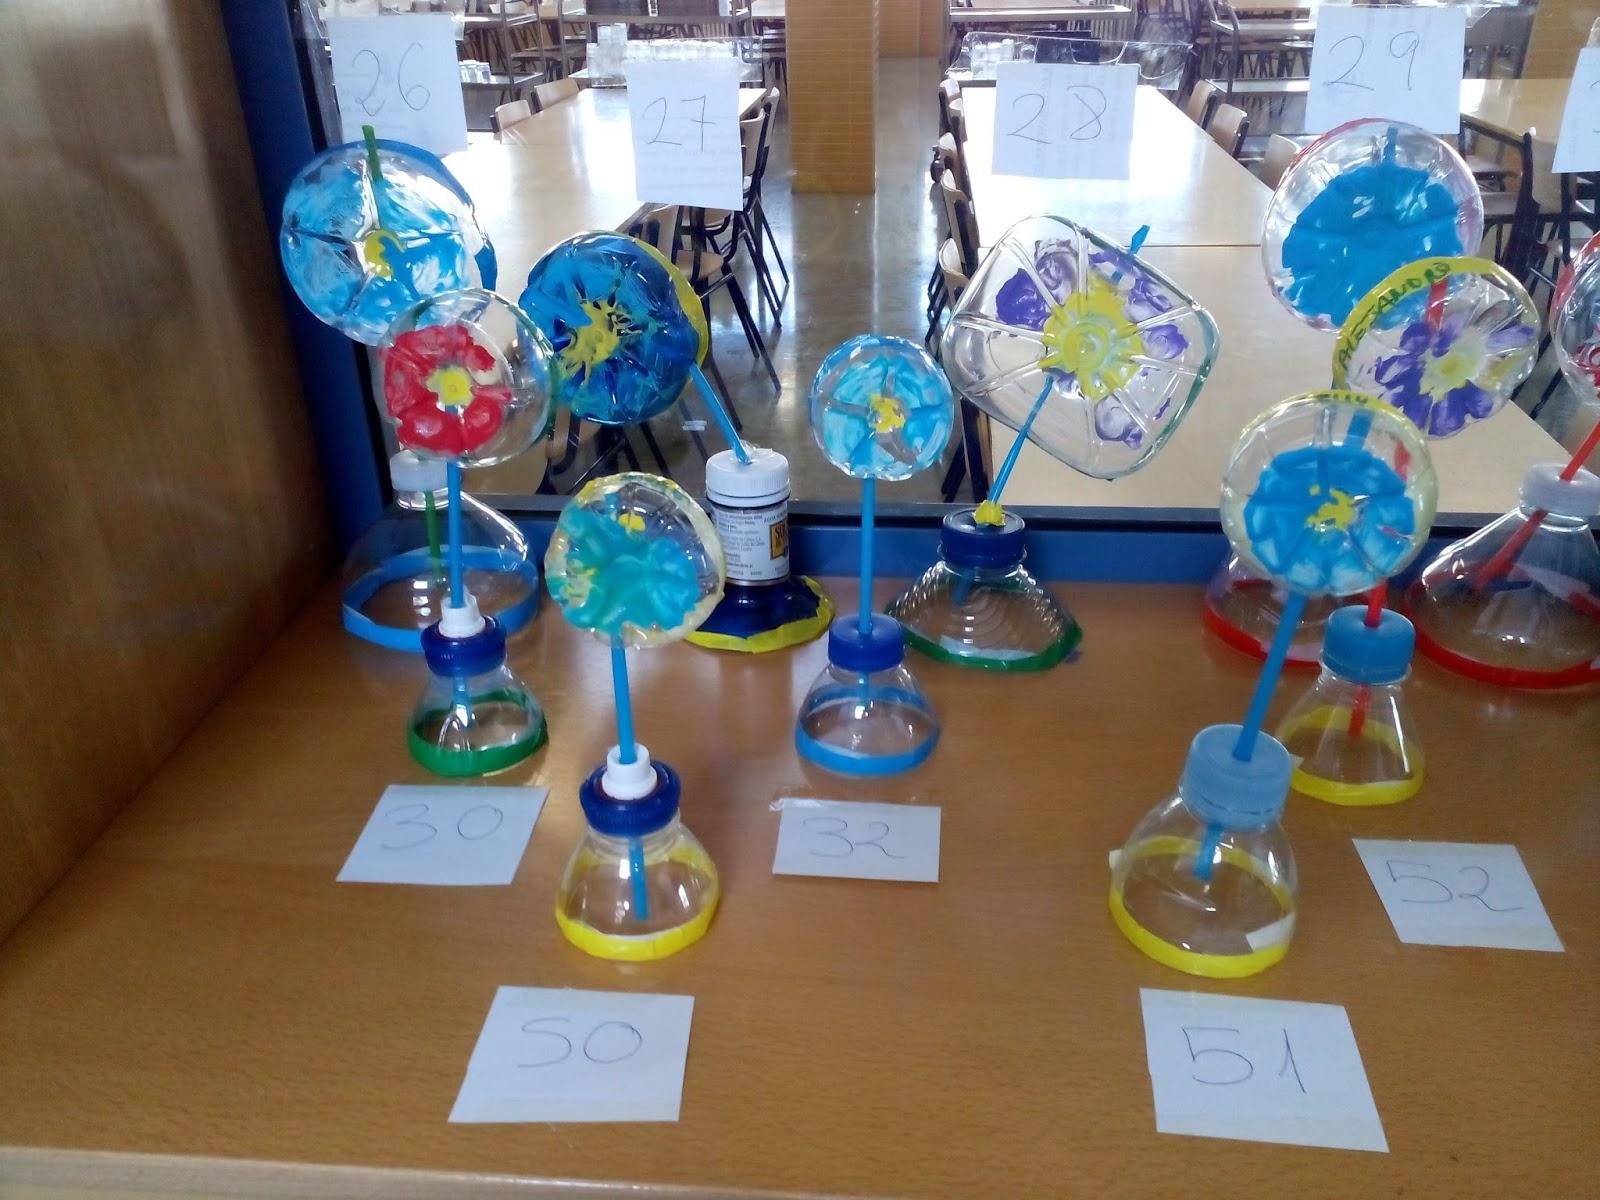 Manualidades escolares concurso de reciclaje habanero for Carteleras escolares de reciclaje